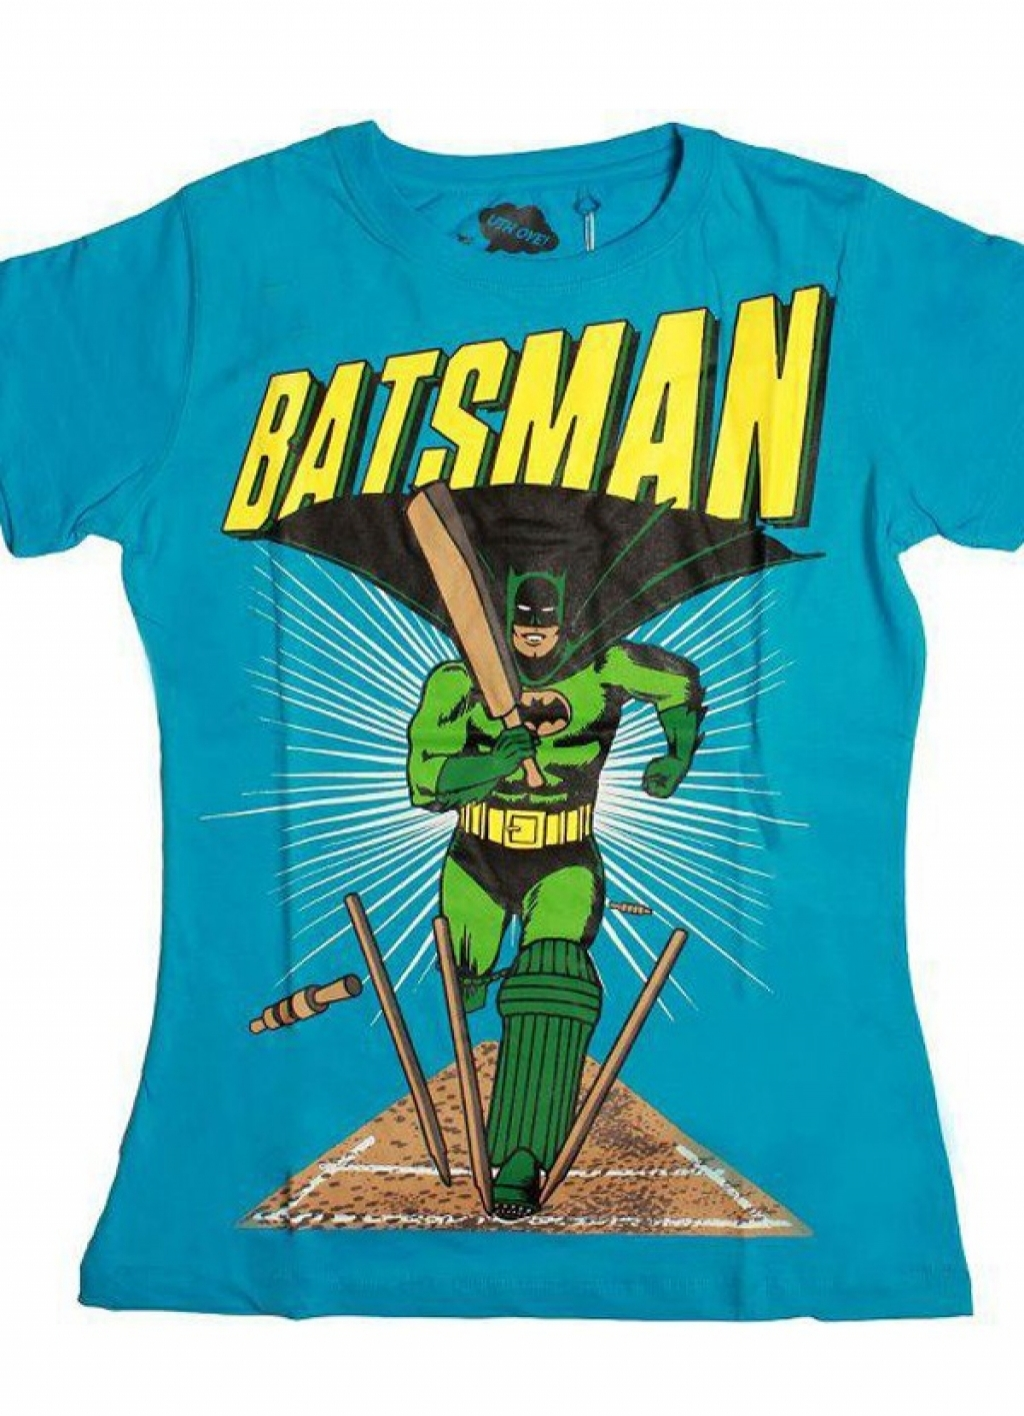 15106839830_uthoye-batman-shirt.jpeg